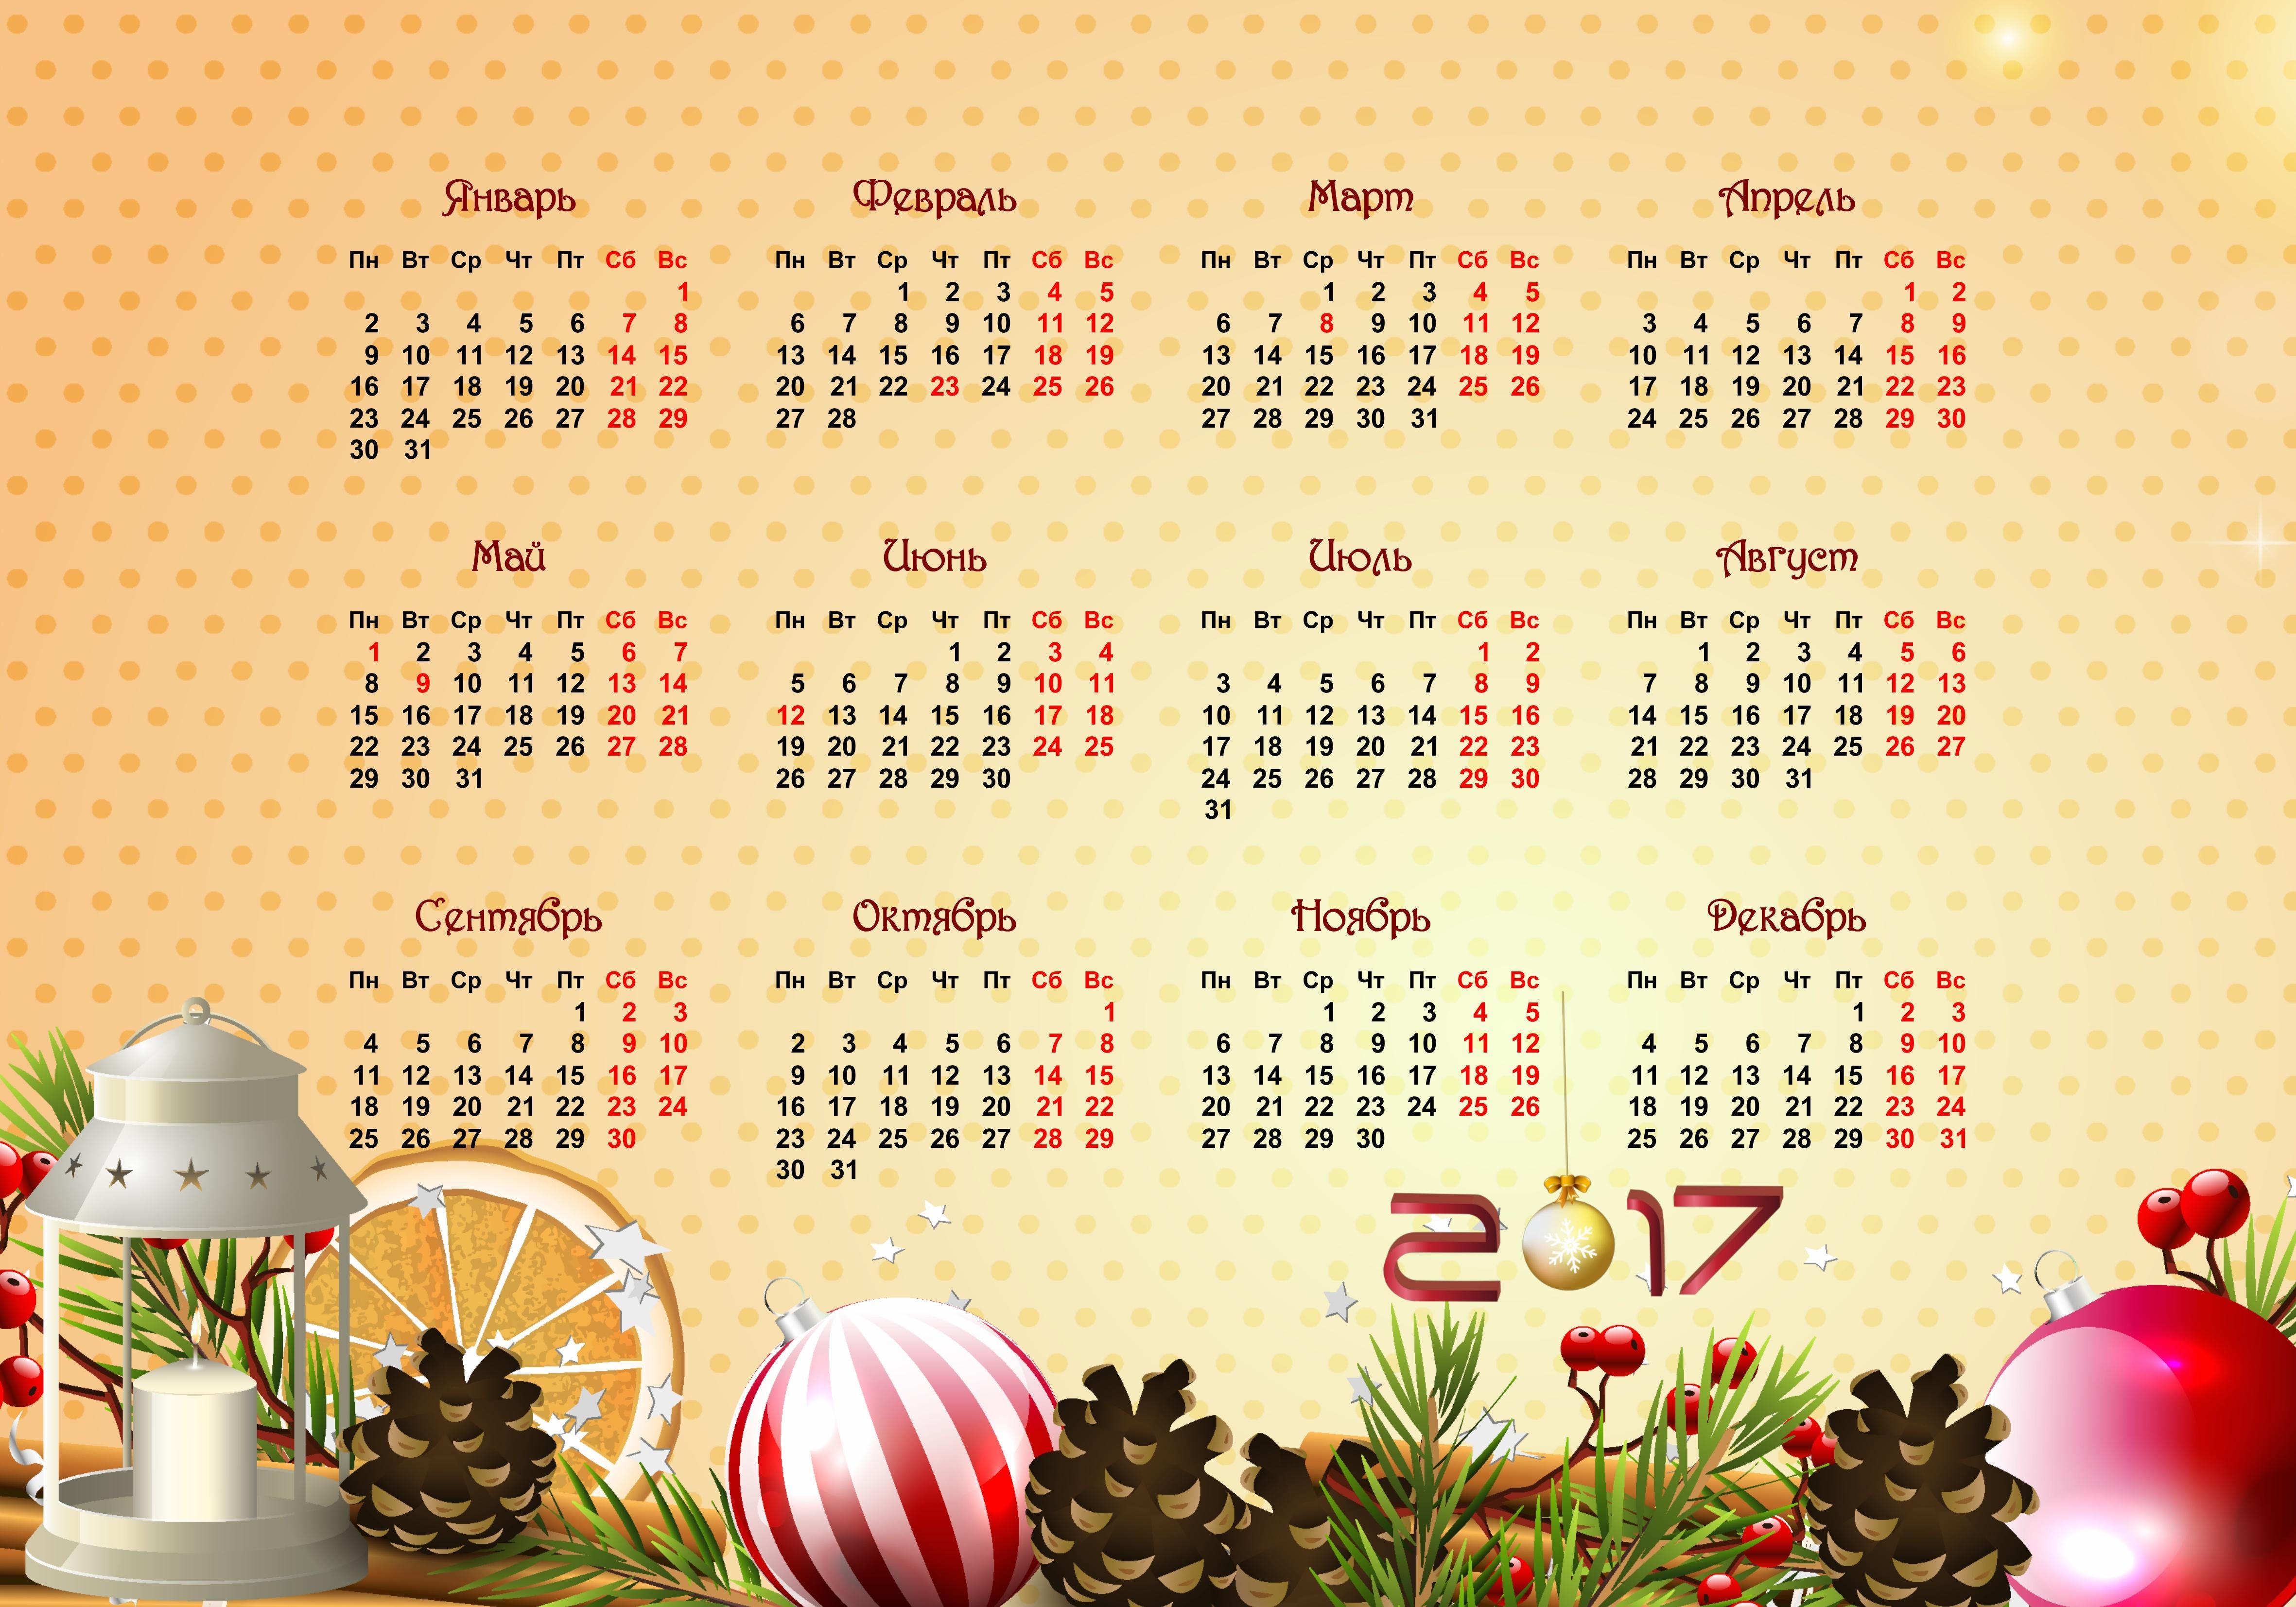 Стихами, календарь 2017 картинки в хорошем качестве